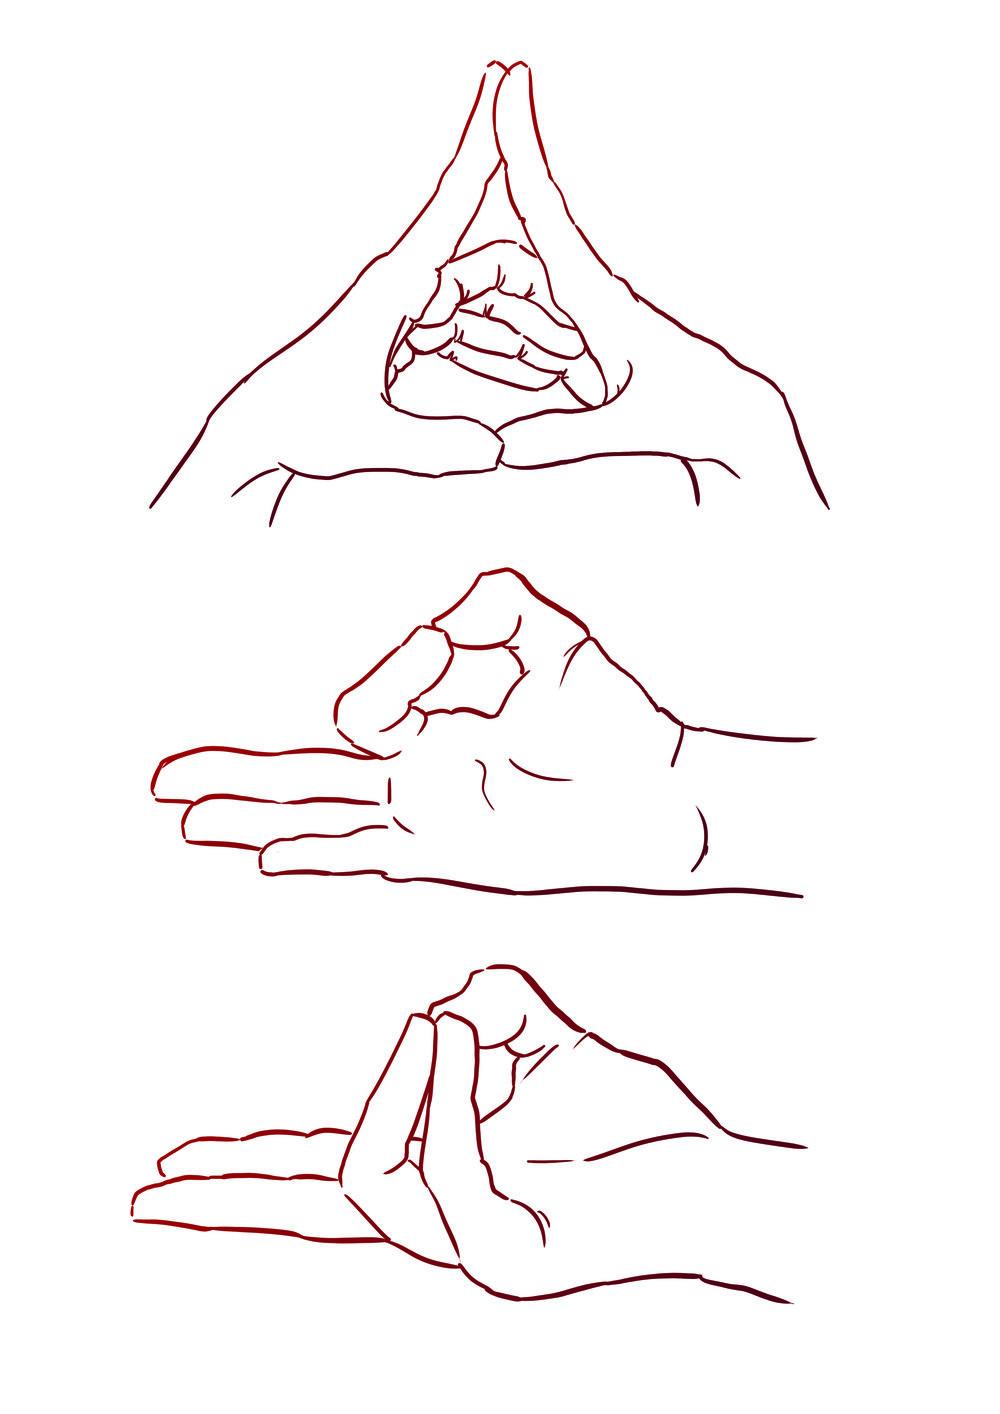 Hands_Line.jpg